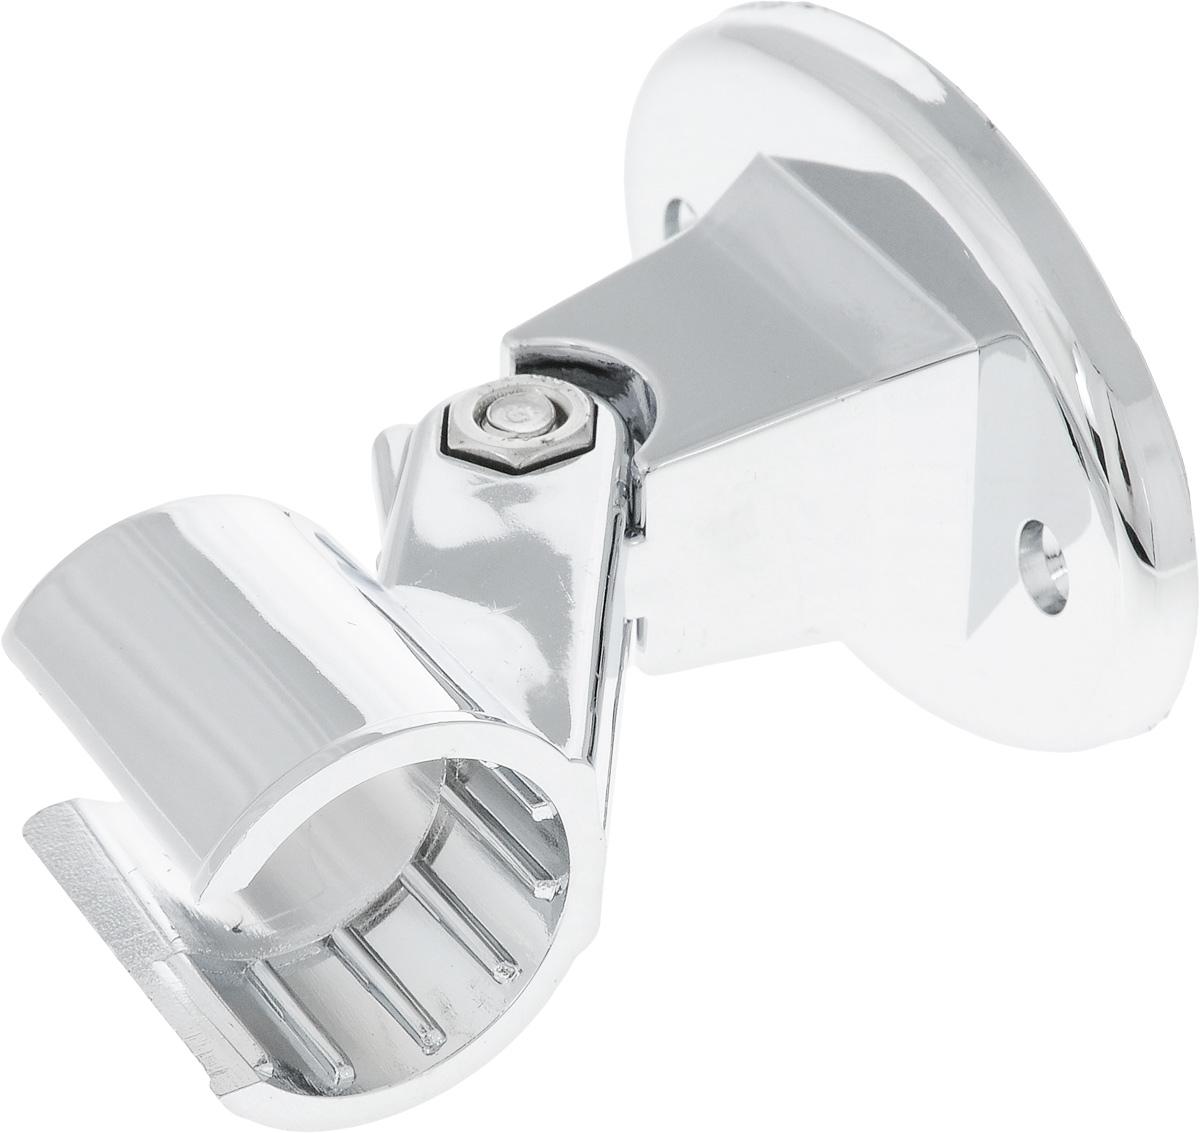 Держатель душевой лейки Euroshowers Simple56020Держатель для лейки Euroshowers Simple изготовлен из ABS-пластика, высокопрочного и легкого материала, с надежным никель-хромовым покрытием, которое гарантирует идеальный зеркальный блеск и защиту изделия на долгий срок. Держатель предусматривает возможность регулировки наклона лейки, что позволяет размещать ее под комфортным углом.В комплект входят крепления. Размер держателя: 8 см х 9 см х 5 см.